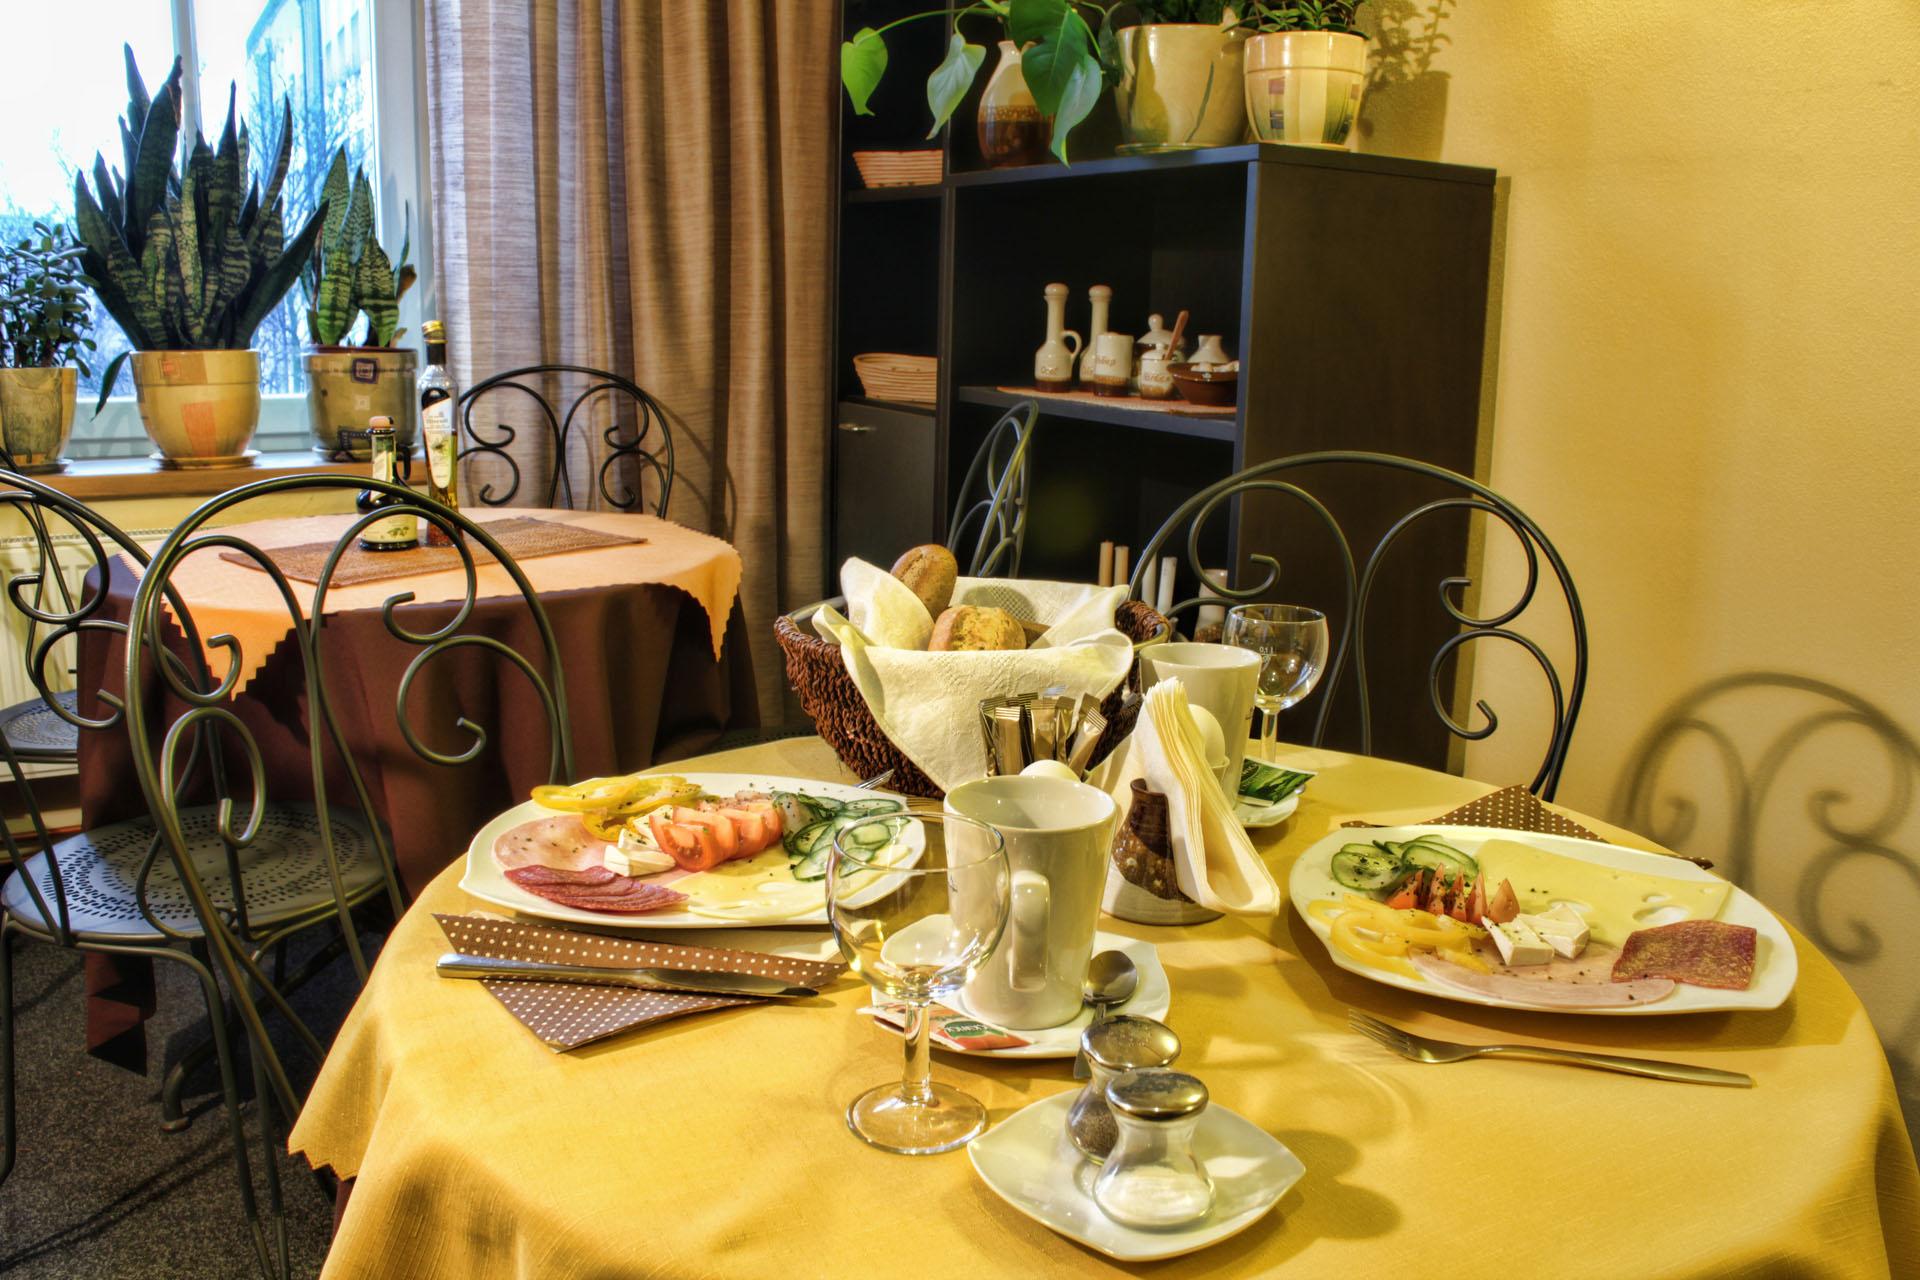 Jídelní stůl s připravenou snídaní pro dva hosty - bohatě obložené talíře a křupavé housky s kávou